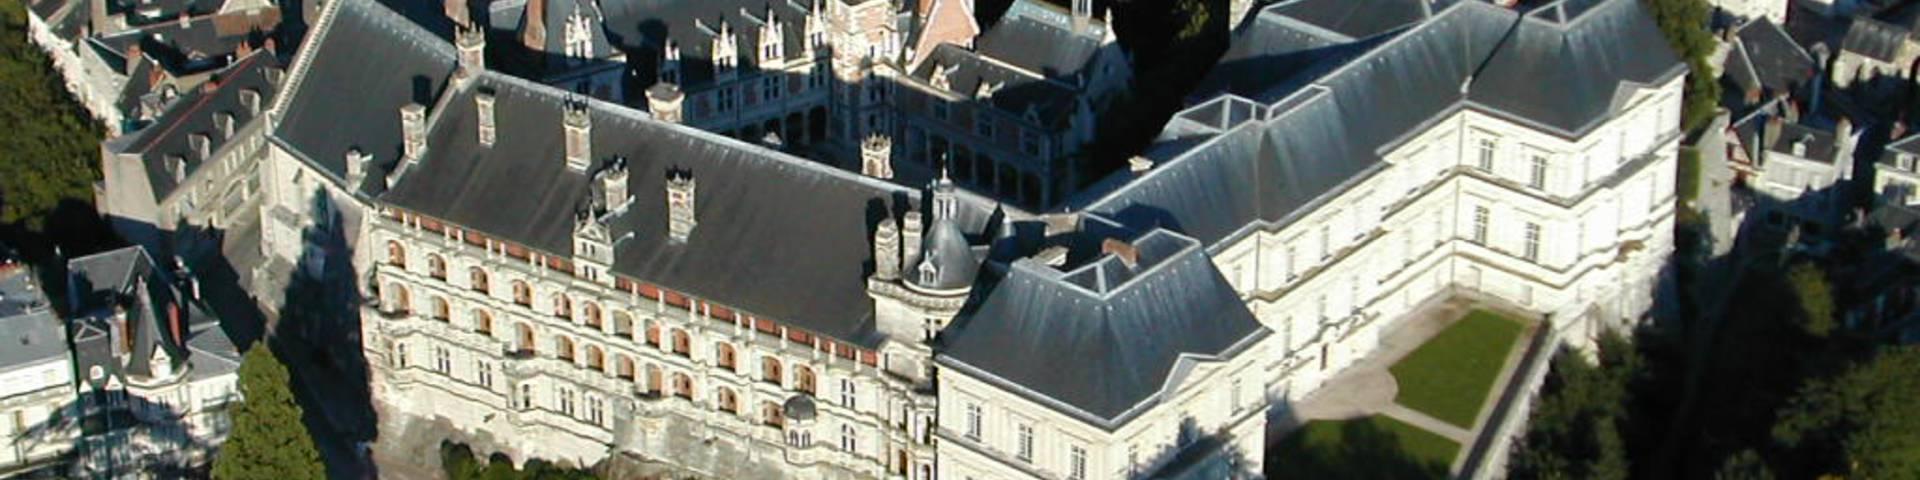 El Castillo de Blois desde el cielo. © OTBC